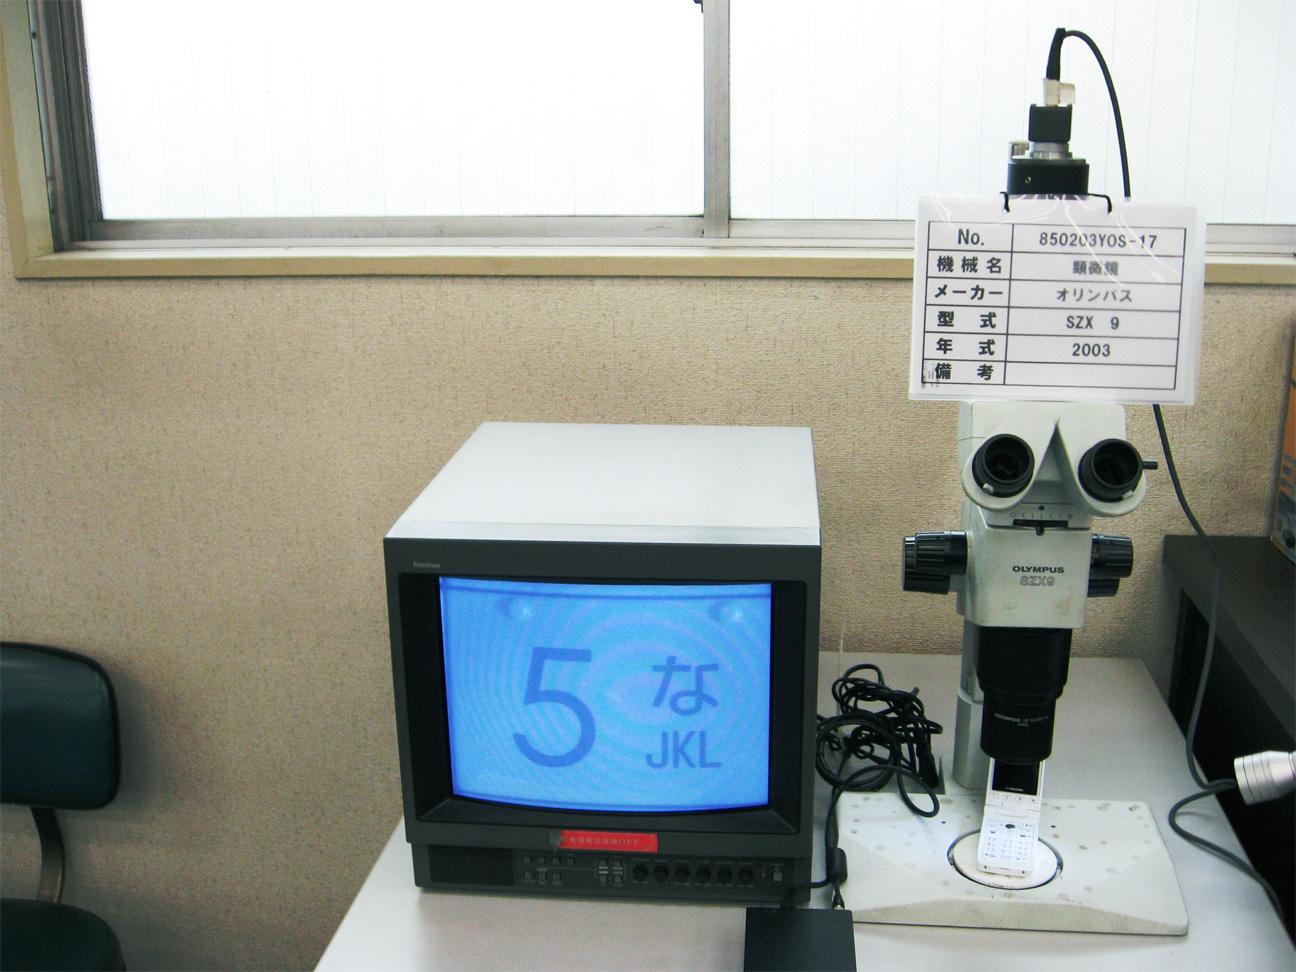 実体顕微鏡 オリンパス SZX 9の画像